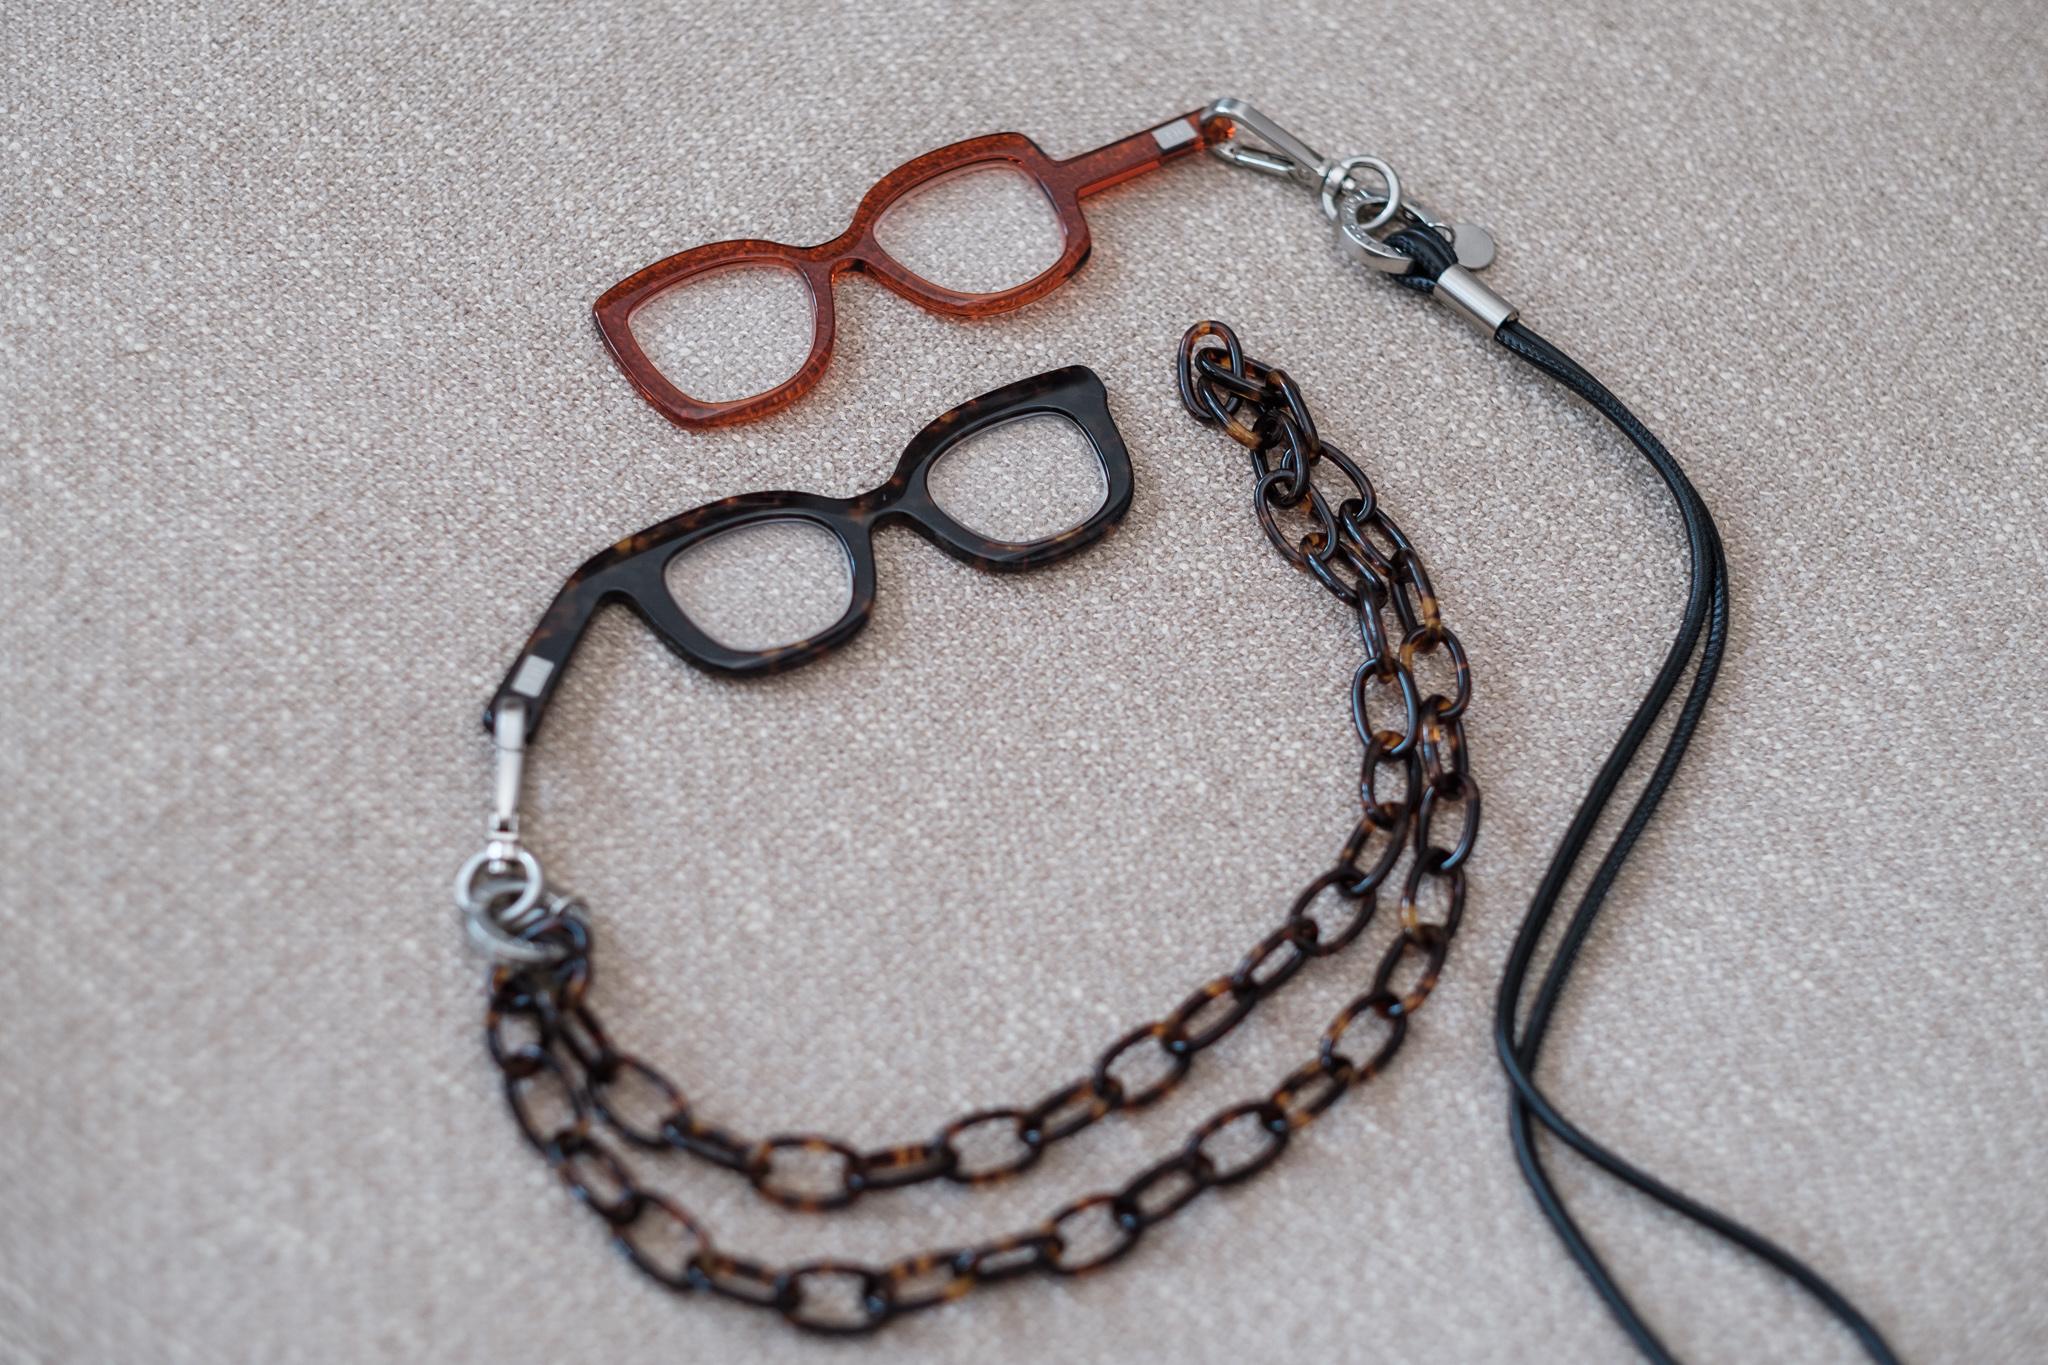 Handbrille by Tom+Hatty, Lesebrille super cool, tolle Lesebrille, Fashion-Blog, Lieblingsstil.com,